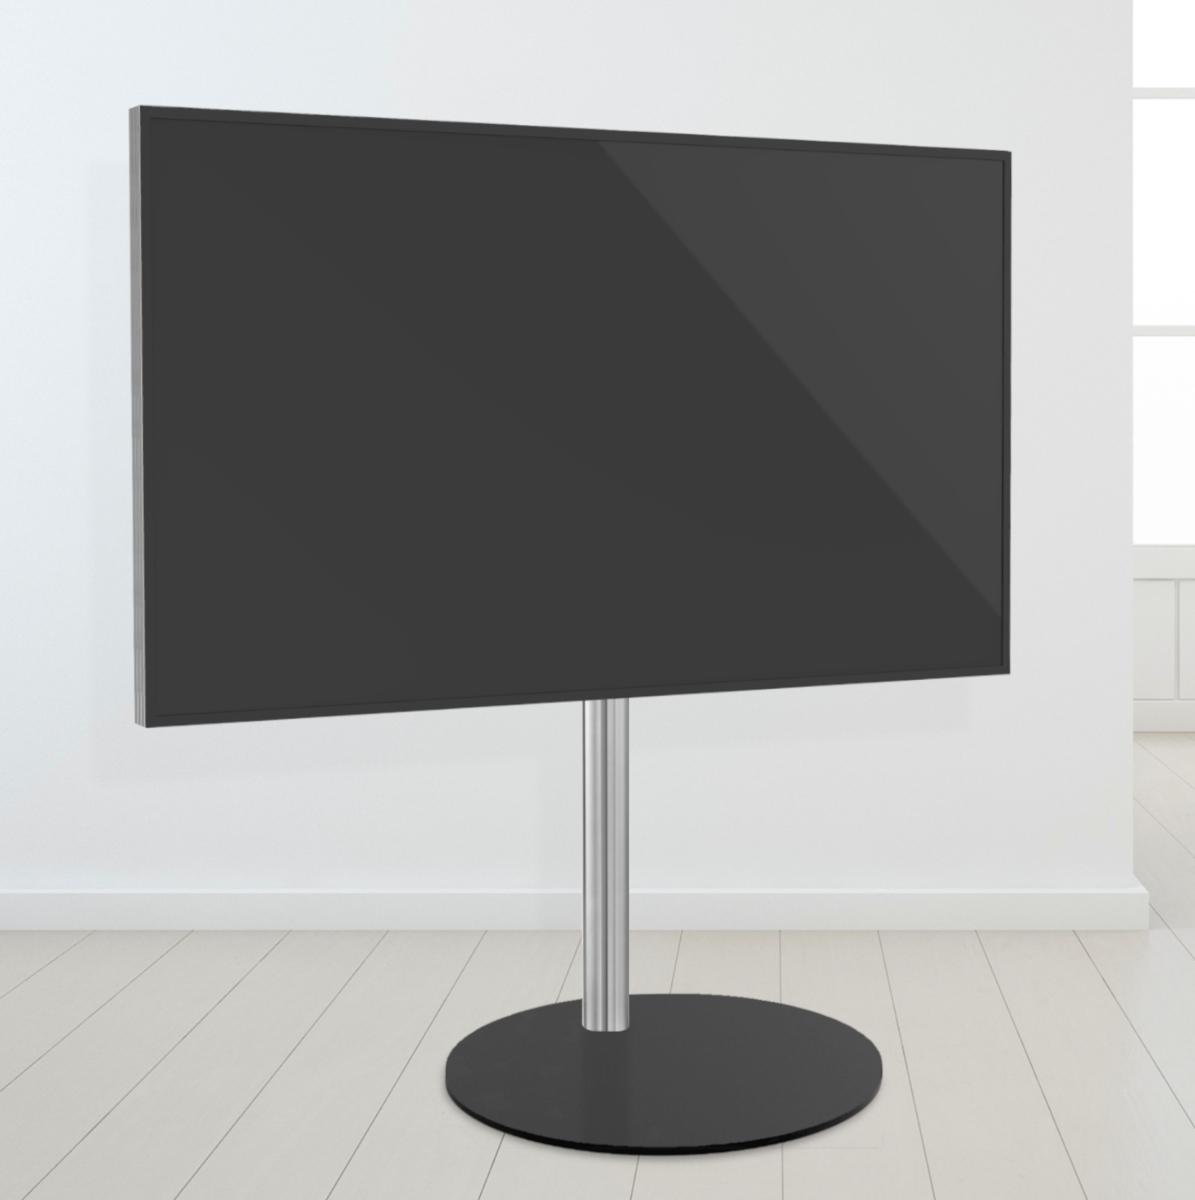 TV VLOERSTANDAARD CAVUS SPHERE100 Trendy Staal & RVS 400x300